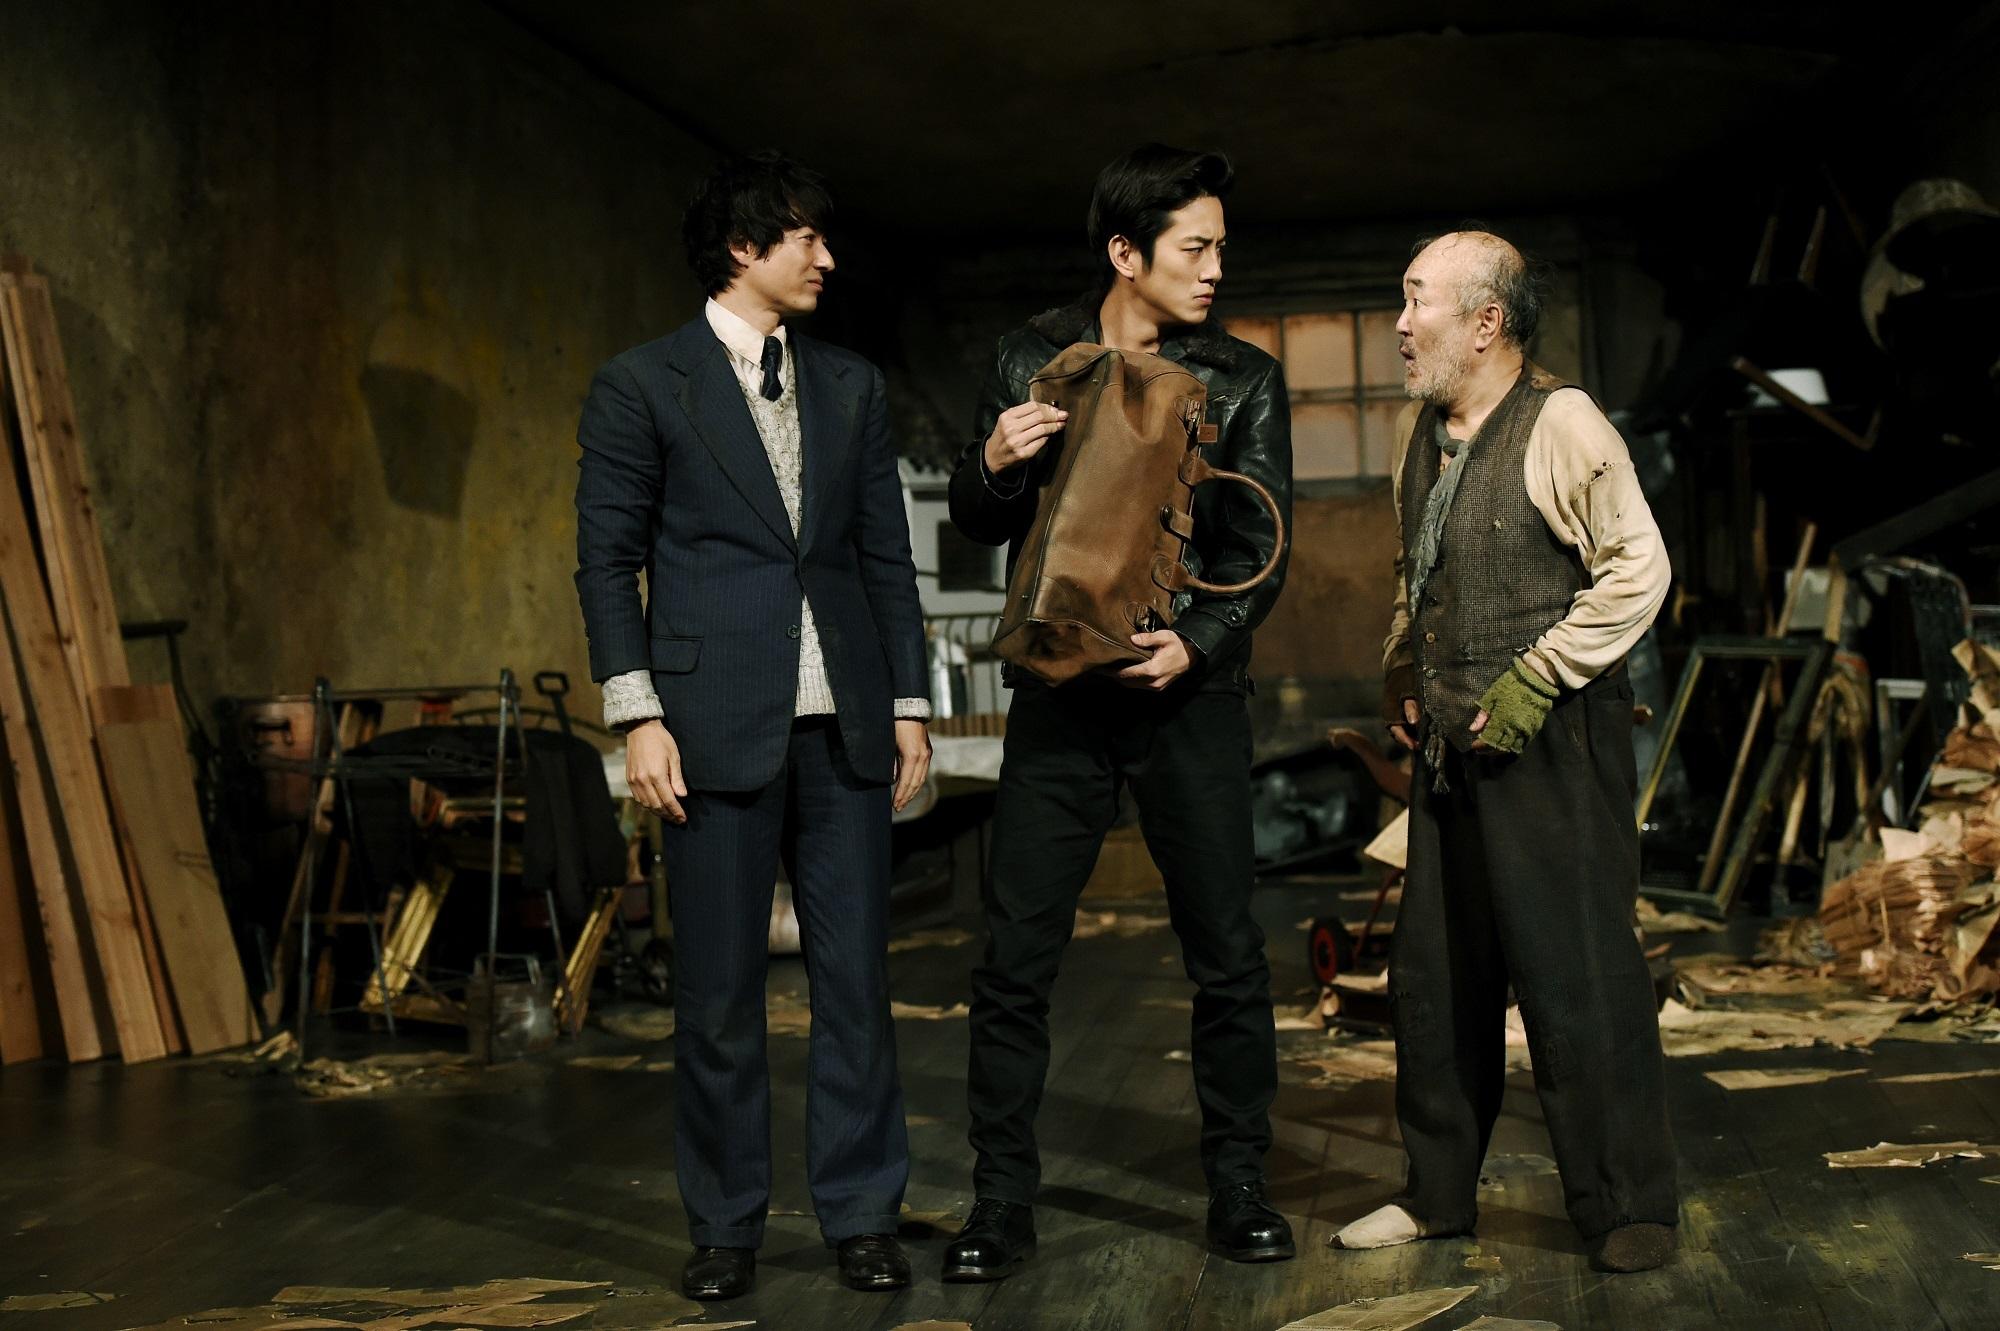 『管理人』(左から)忍成修吾、溝端淳平、温水洋一  撮影=細野晋司